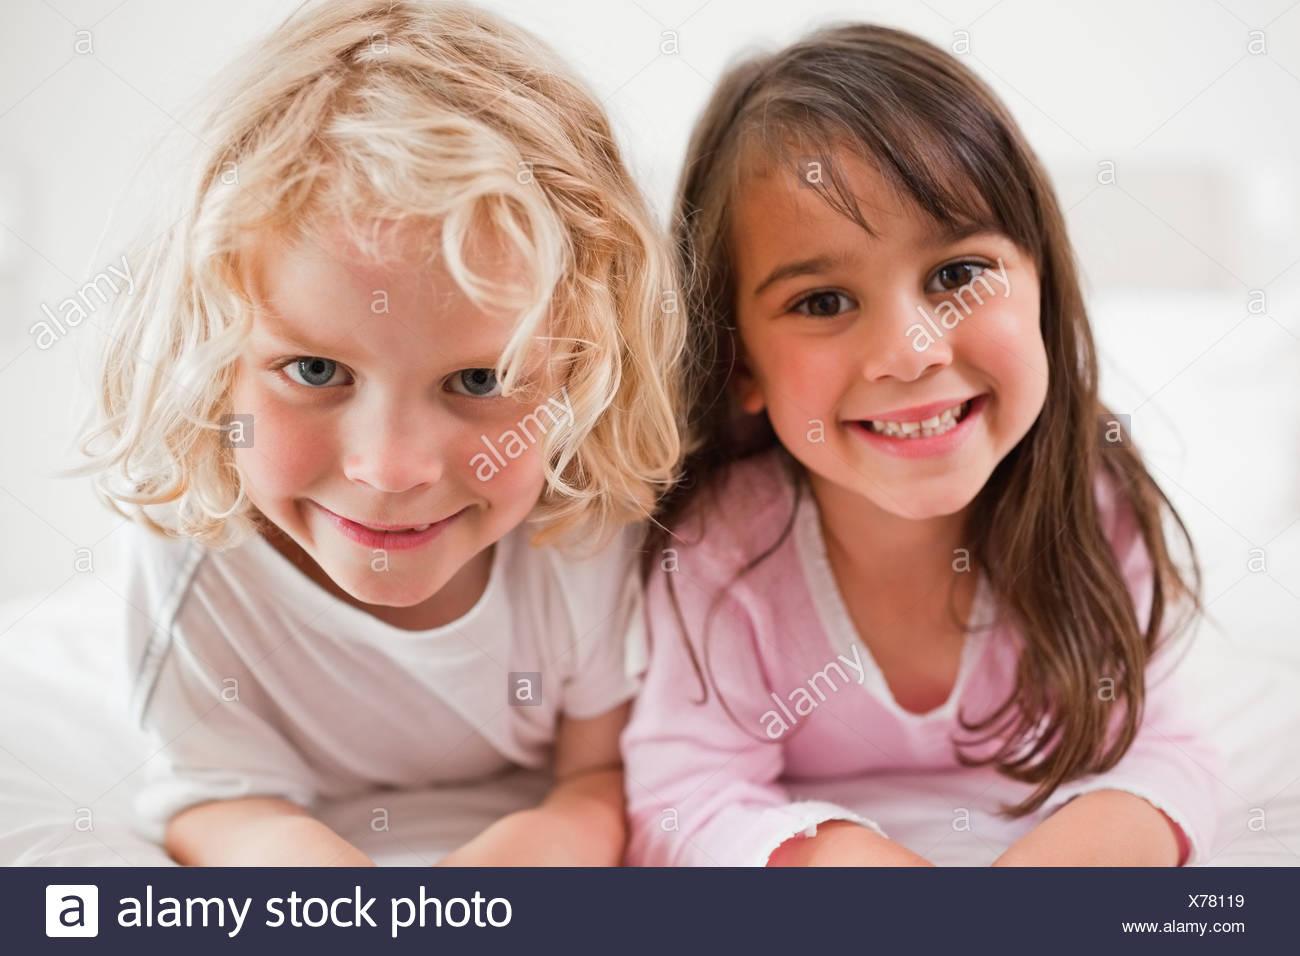 Siblings lying on their bellies - Stock Image